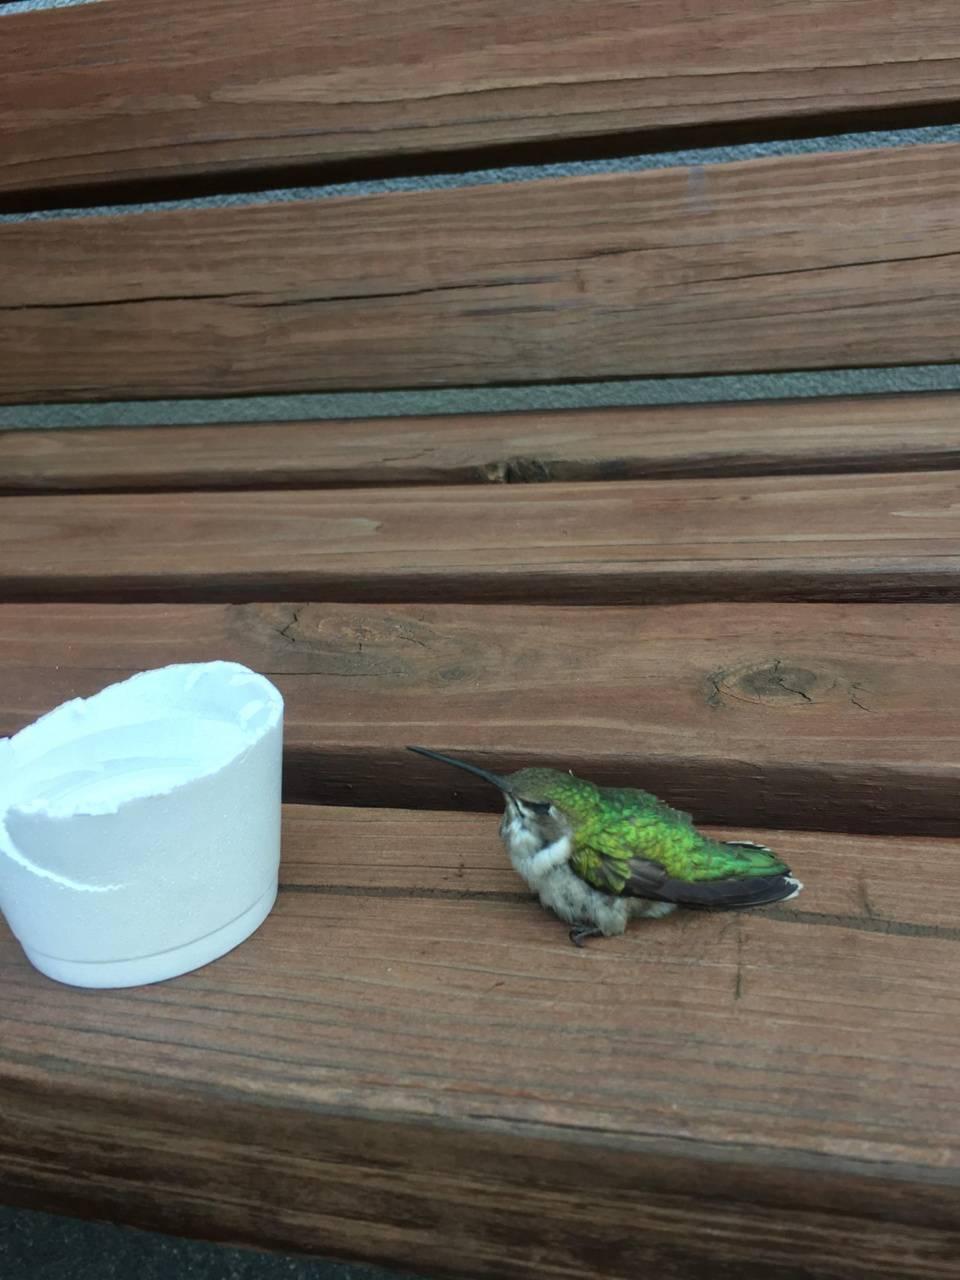 SweetLilHummingbird